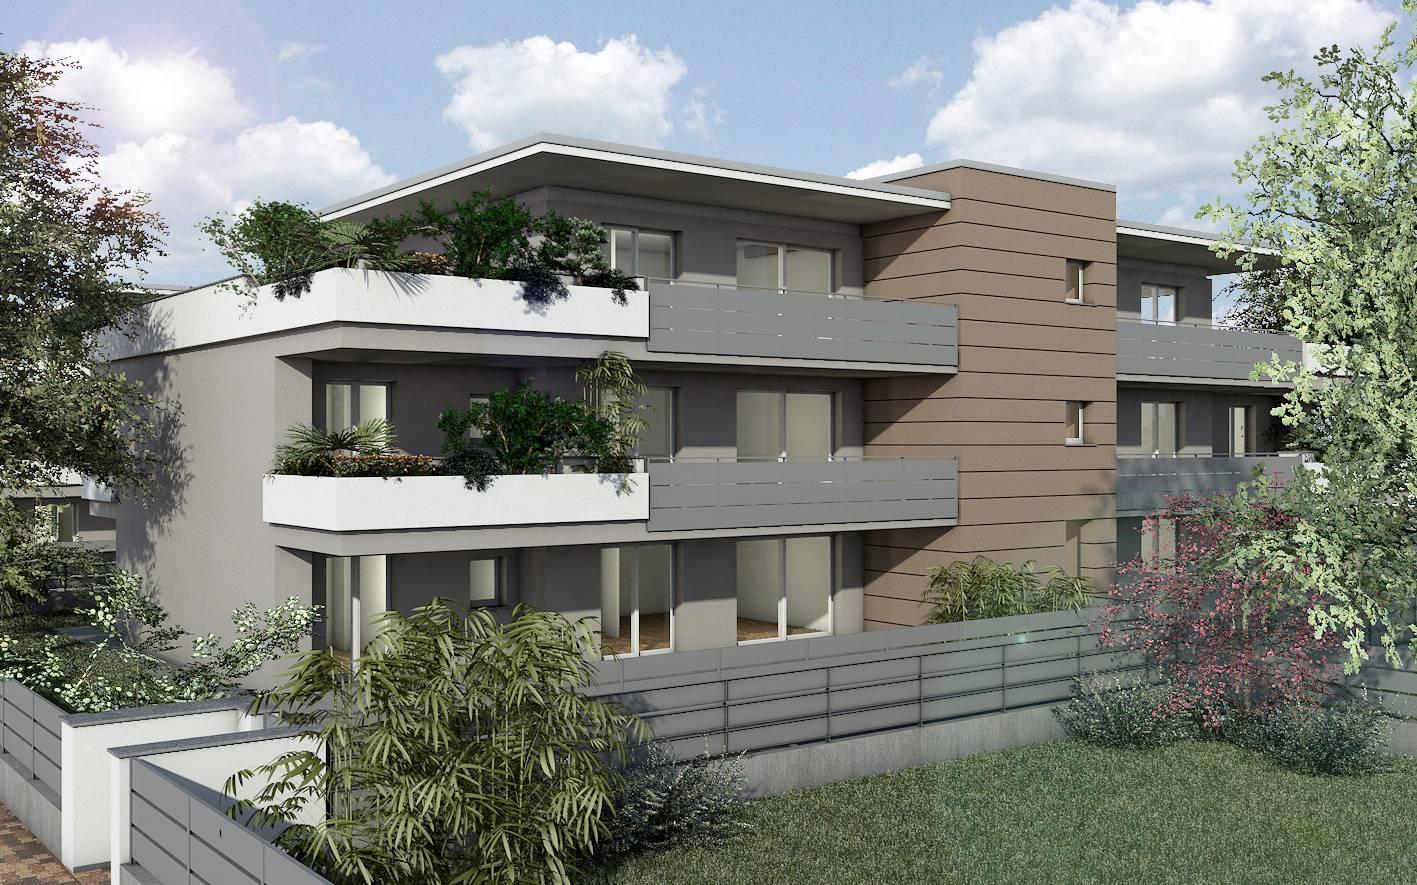 Appartamento in vendita a Borgosatollo, 3 locali, prezzo € 260.000 | CambioCasa.it